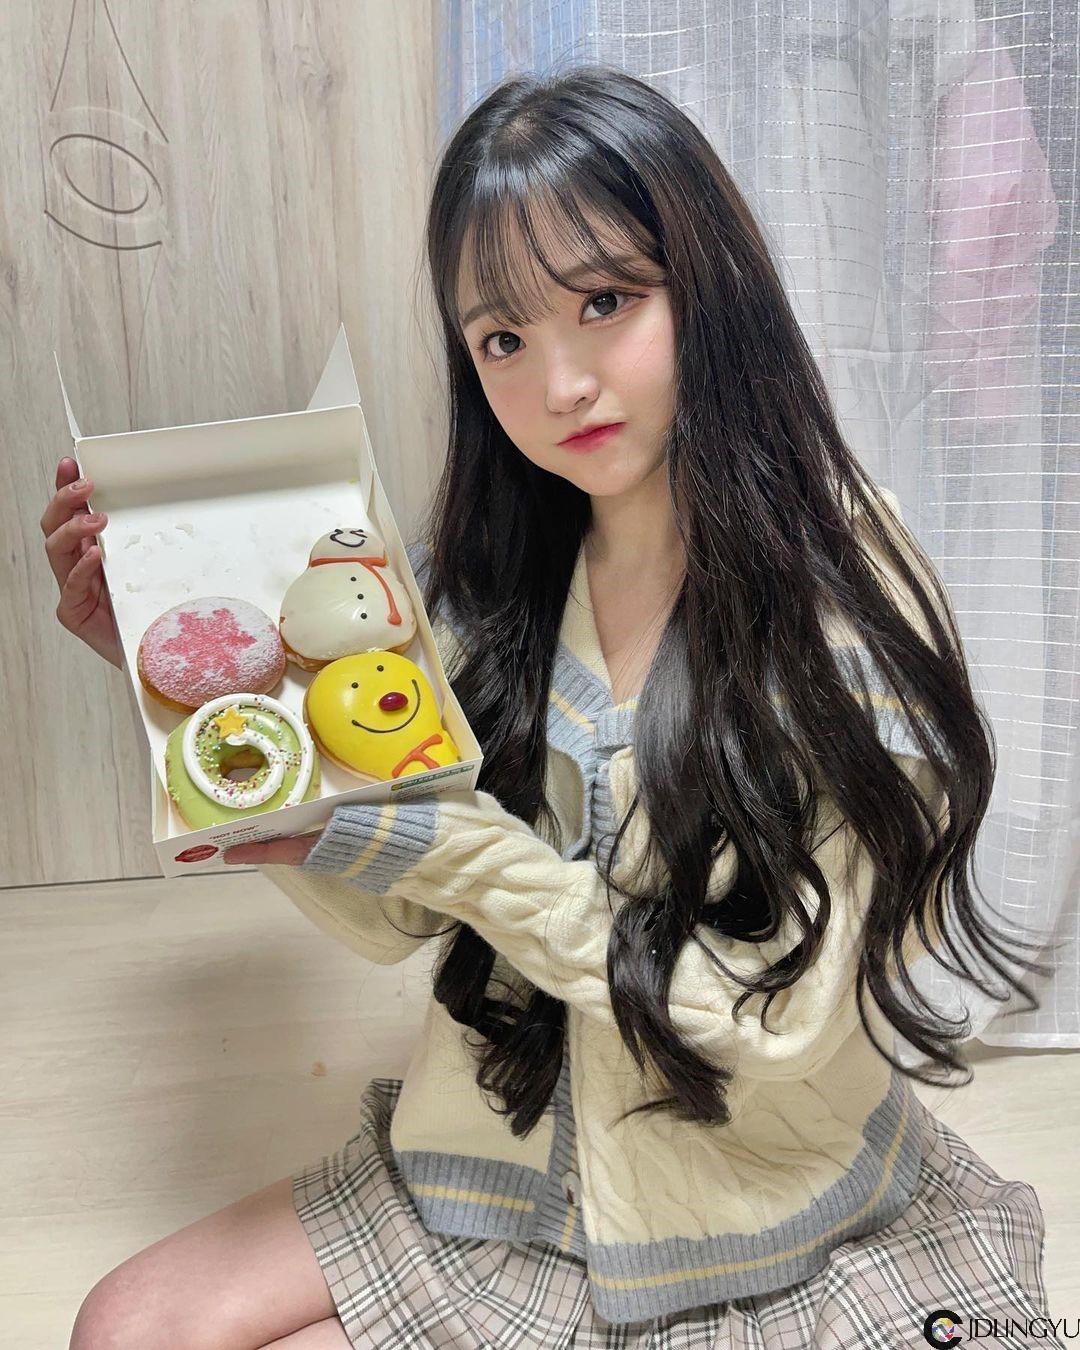 甜美小厨娘「박민정」坐在厨房台面当佳肴 如果可以,先来杯牛奶好吗…?